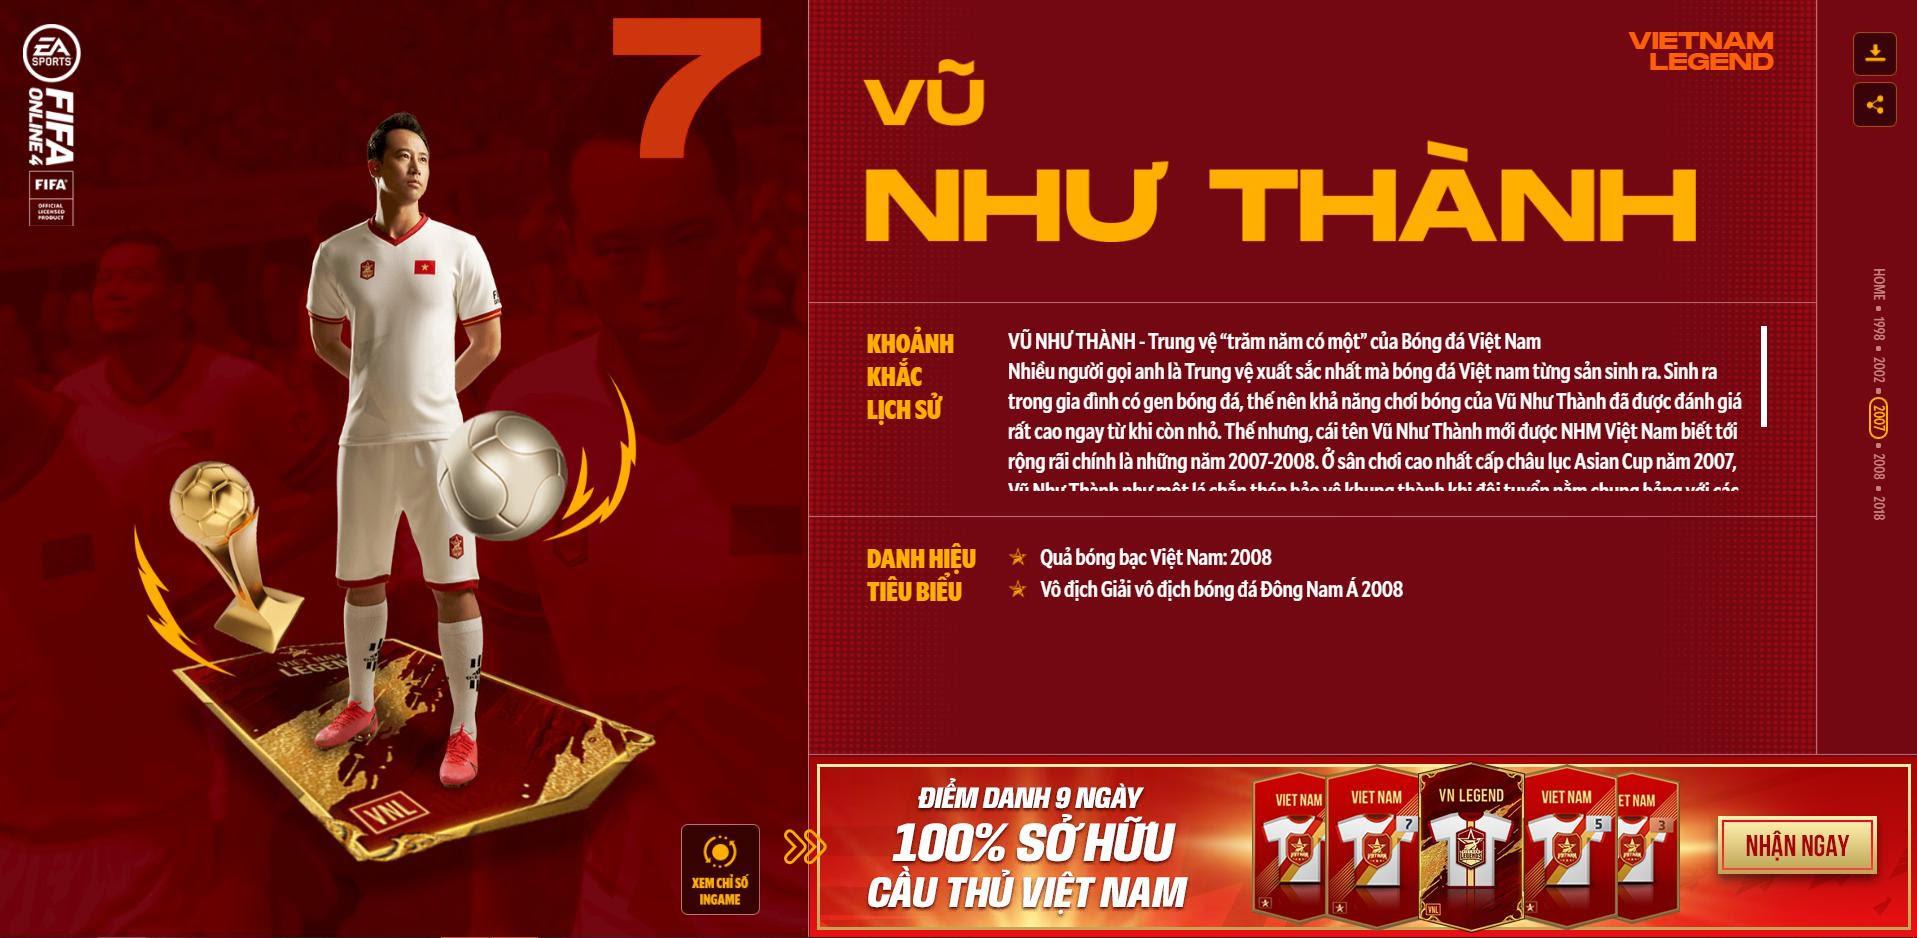 Các huyền thoại bóng đá Việt Nam bất ngờ xuất hiện trong Fifa Online 4 - Ảnh 5.